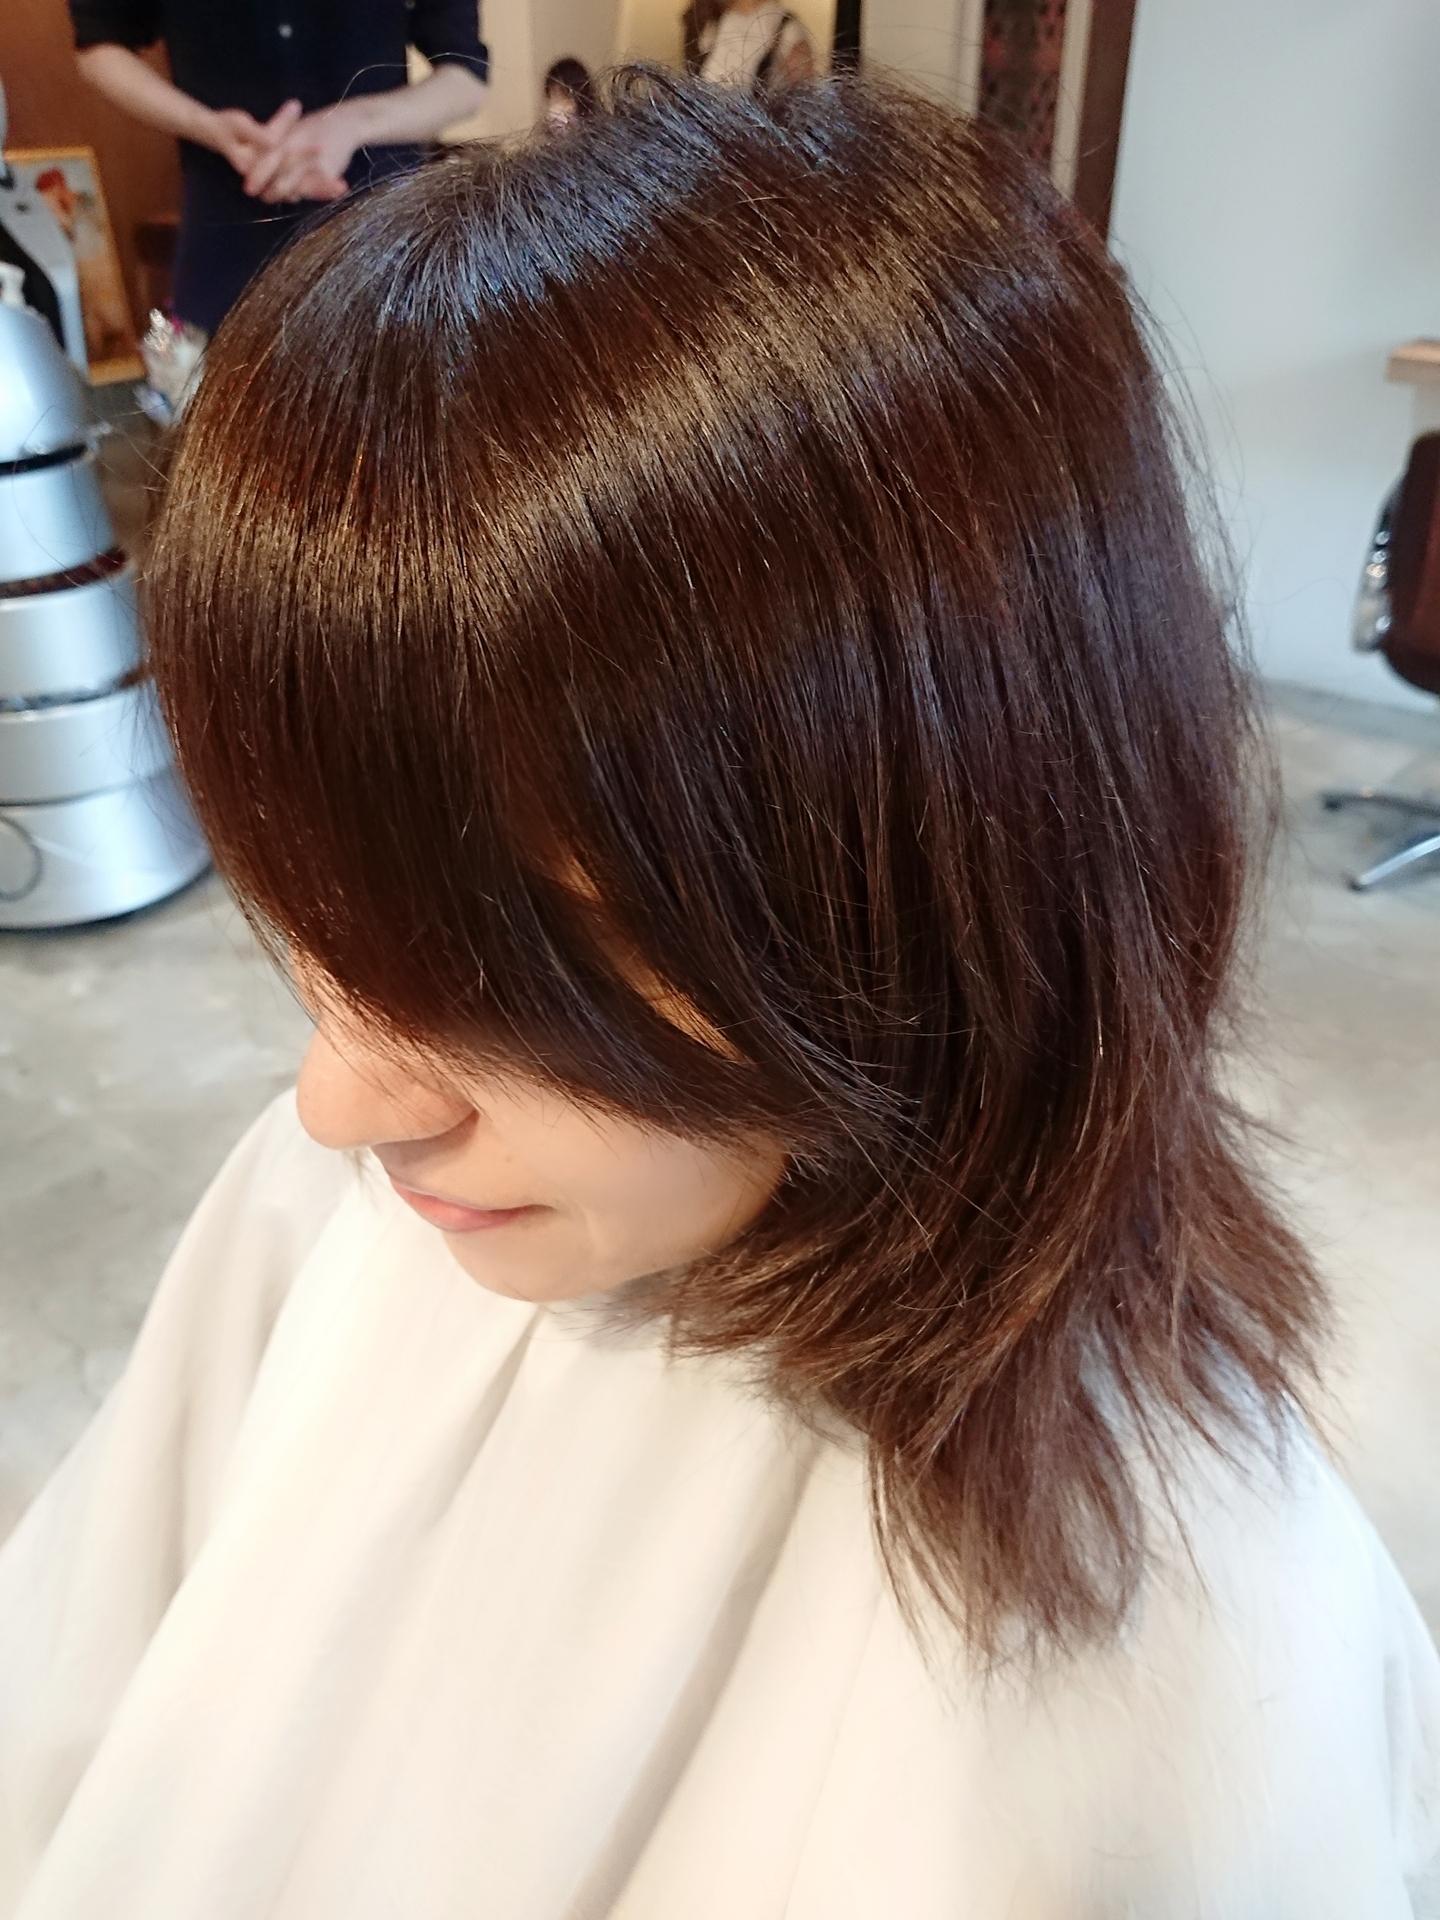 TOKIOトリートメントのおかげで髪は艶々元気になりました♪